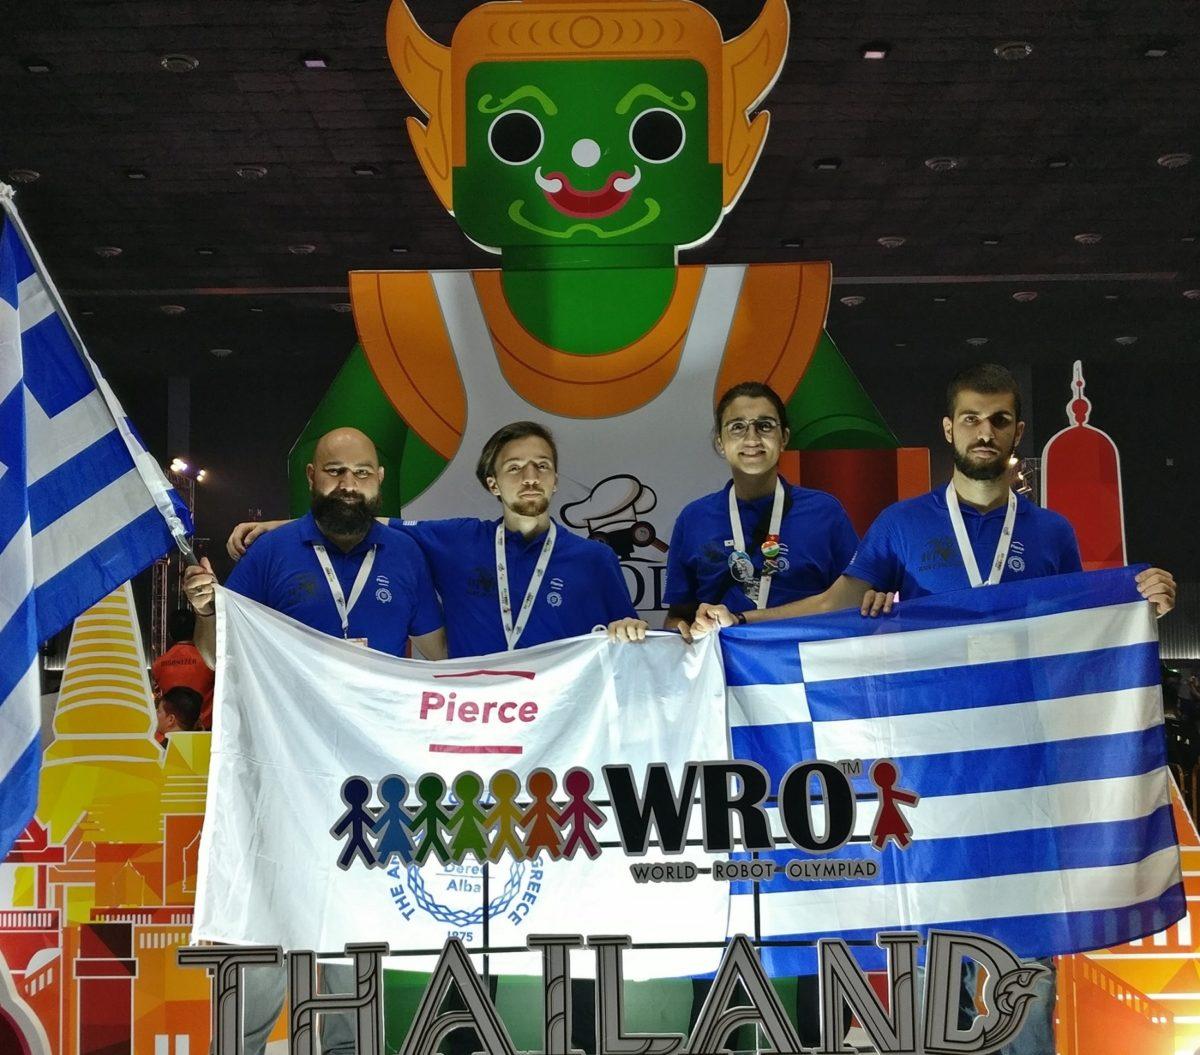 Έλληνες μαθητές σάρωσαν σε διαγωνισμό Ρομποτικής [pics]